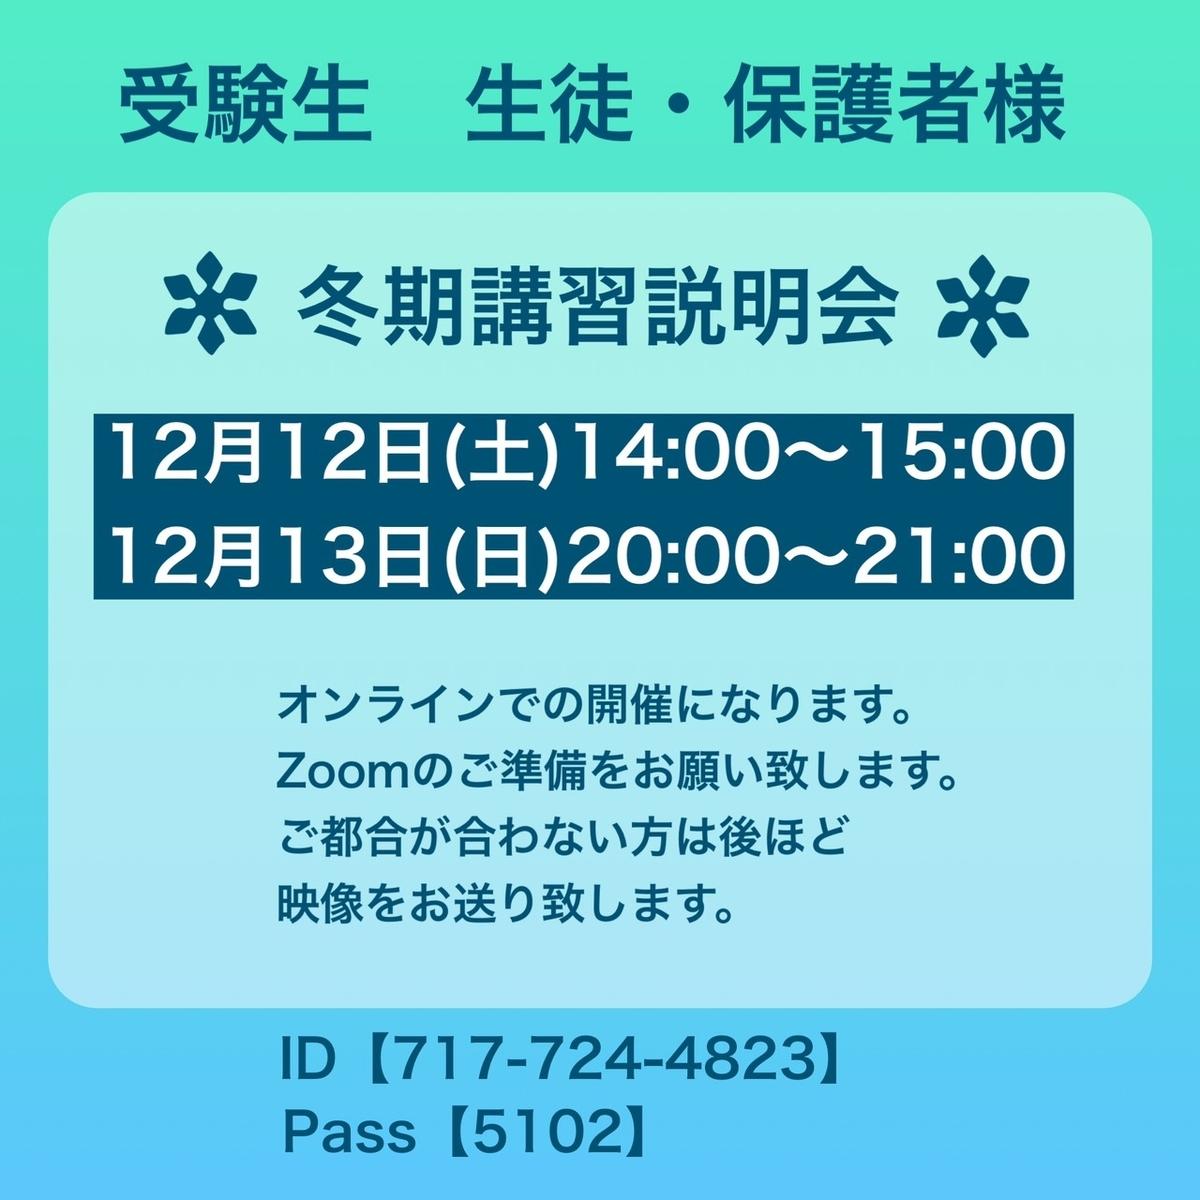 f:id:daiki_futagami:20201202130812j:plain